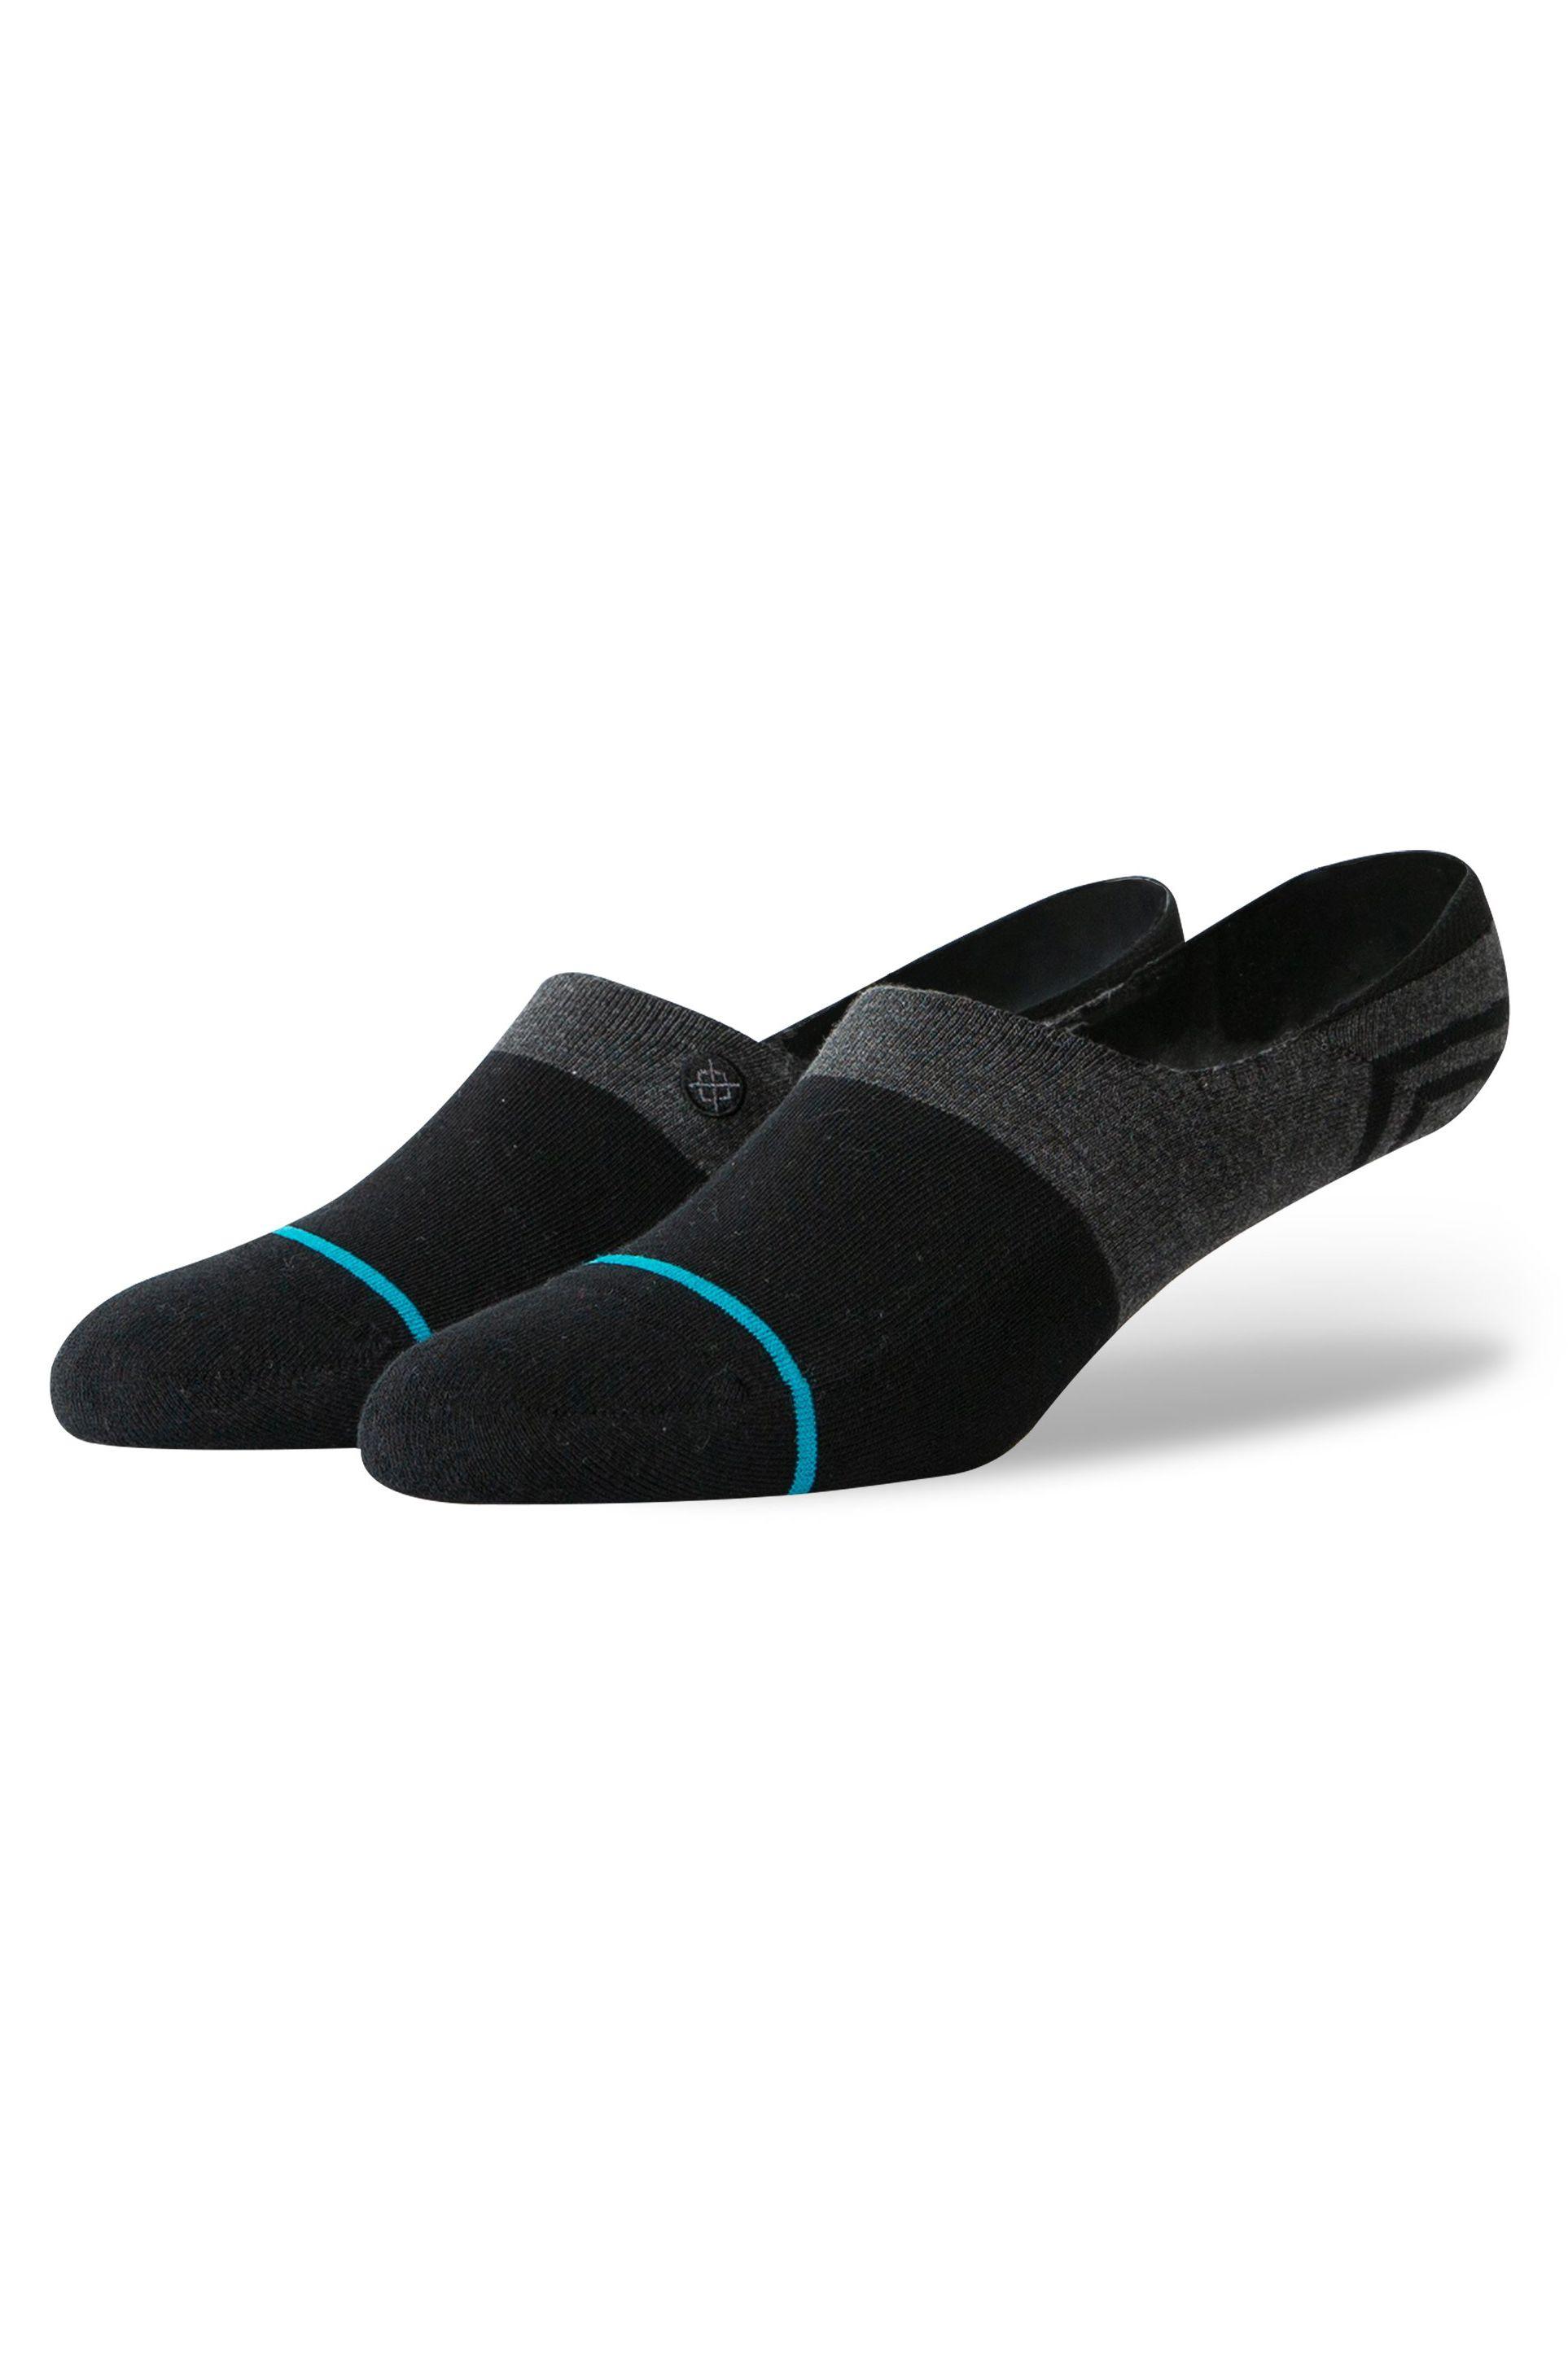 Stance Socks GAMUT 2 Black